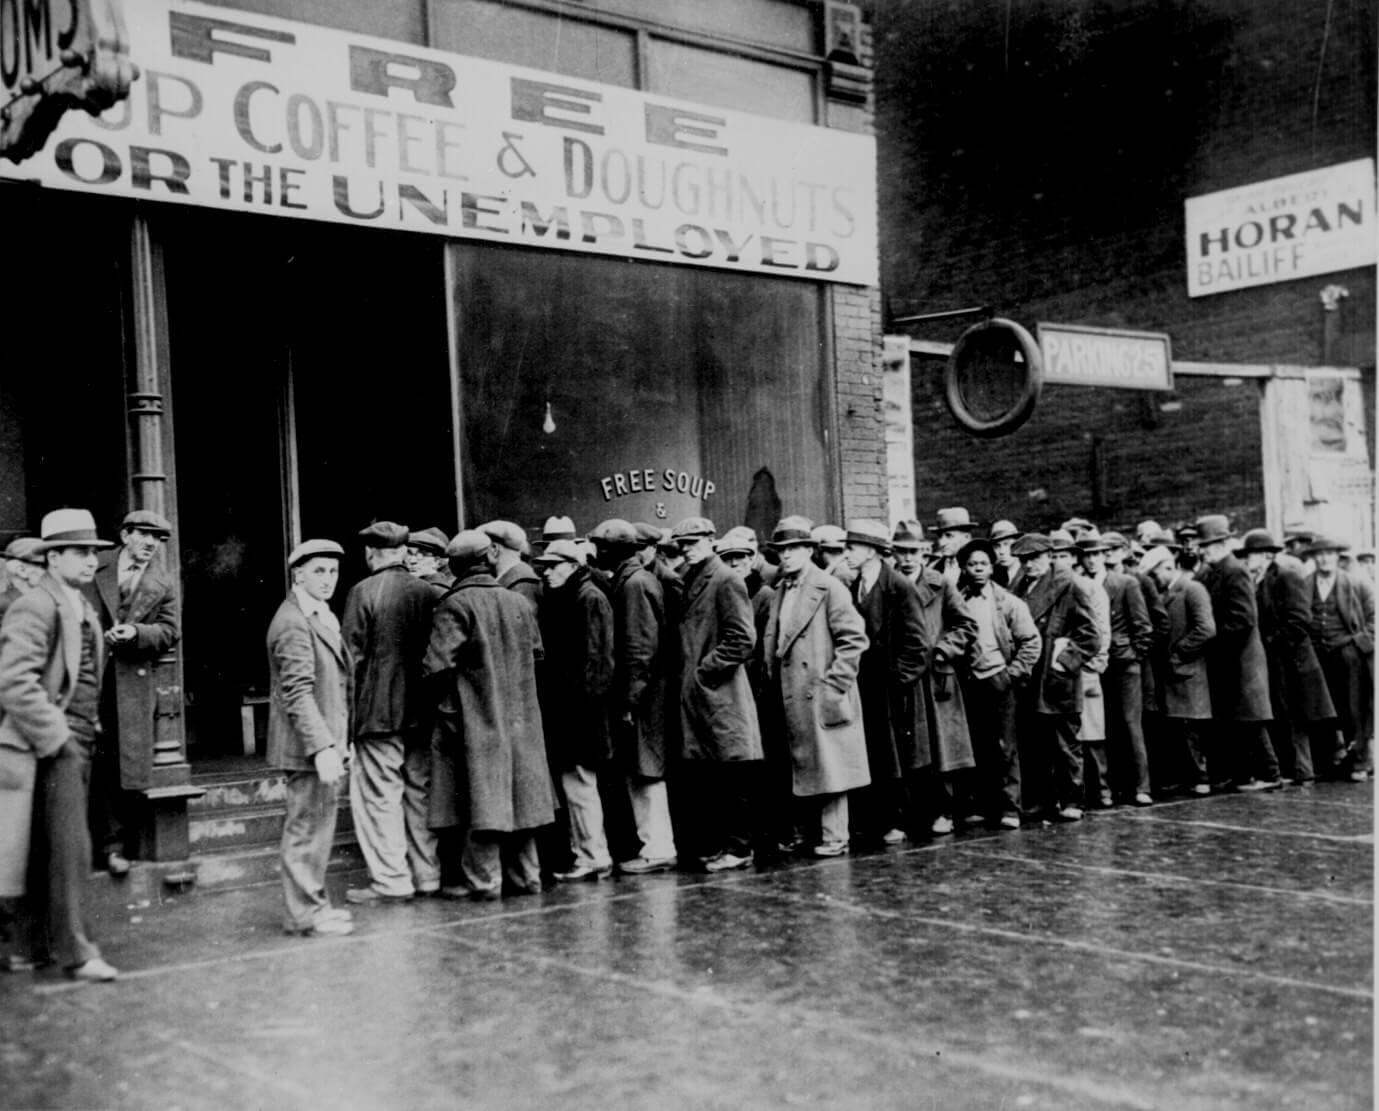 Crise de 1929: Como surgiu a grande depressão?